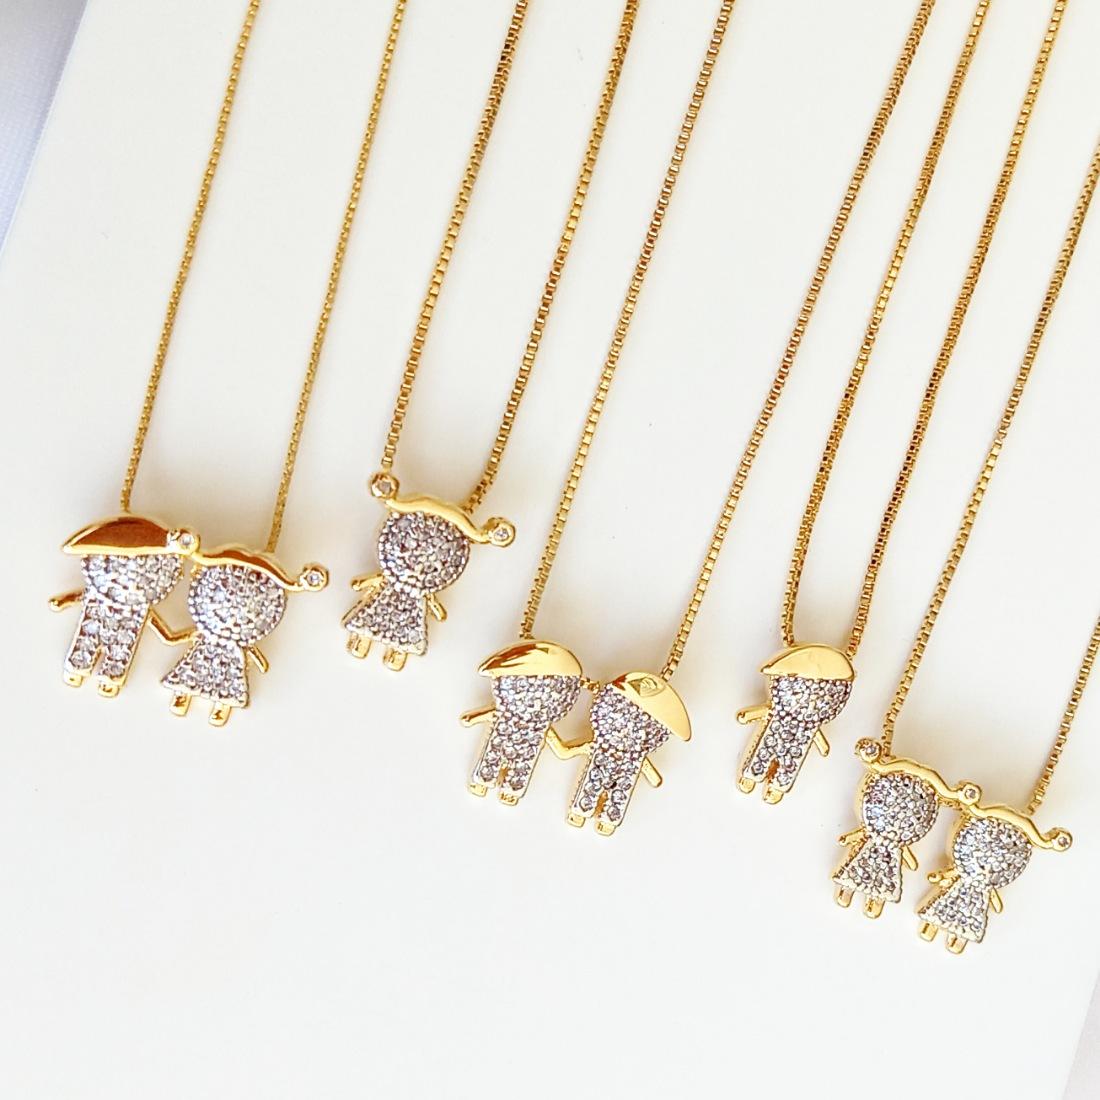 Colar 2 Meninas de Zircônia Branca Luxo Semijoia Ouro 18K  - Soloyou